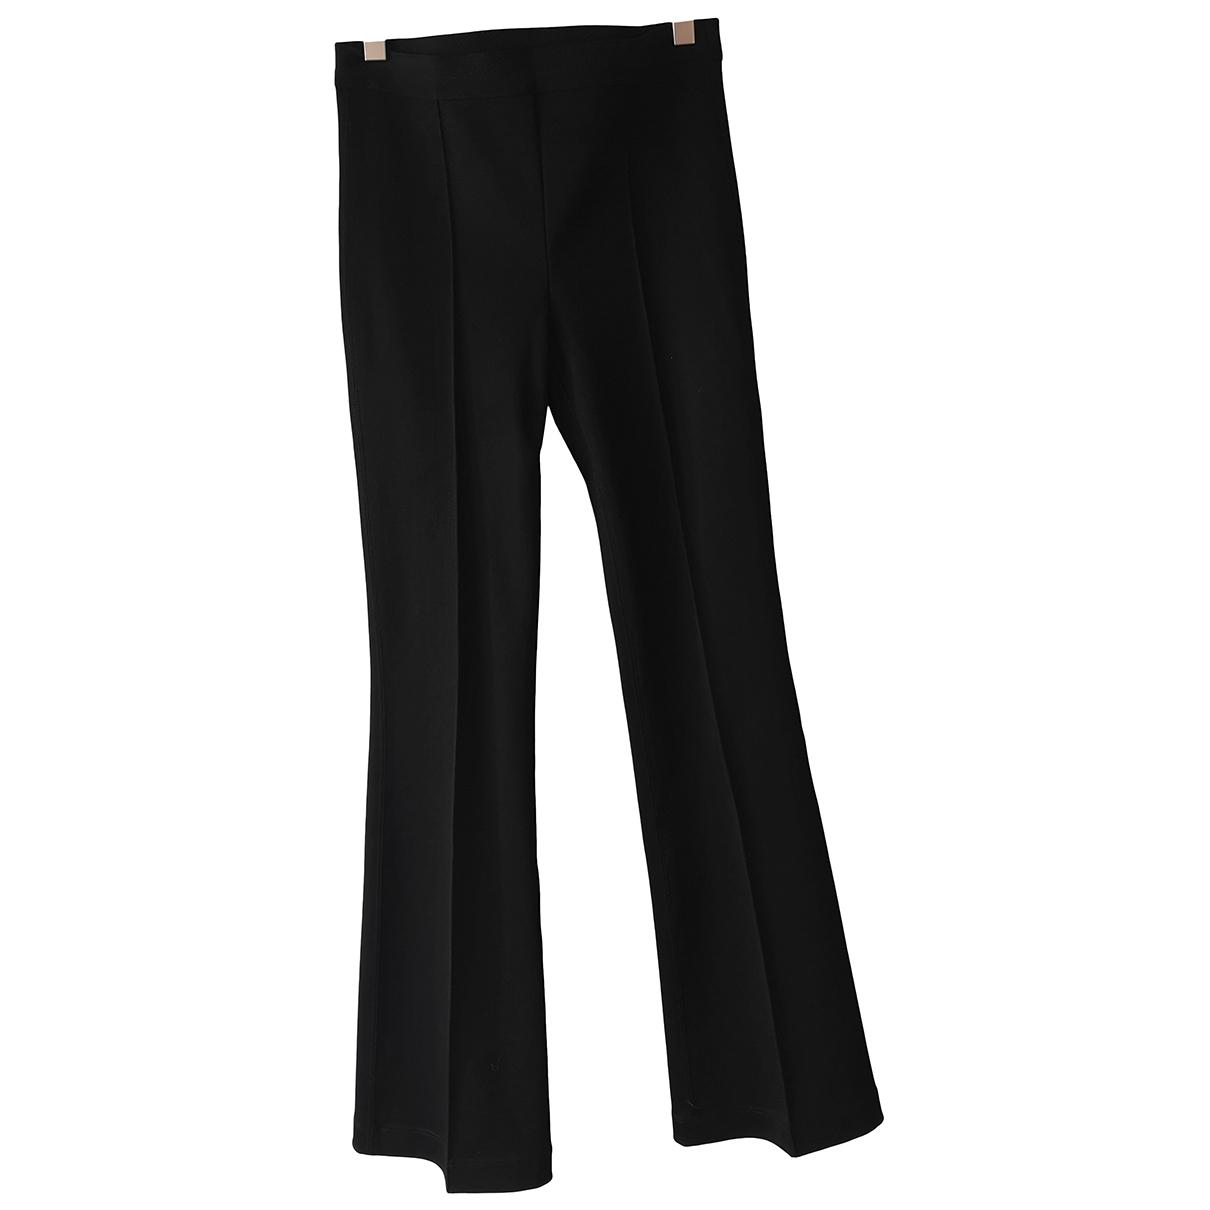 Helmut Lang \N Black Trousers for Women S International